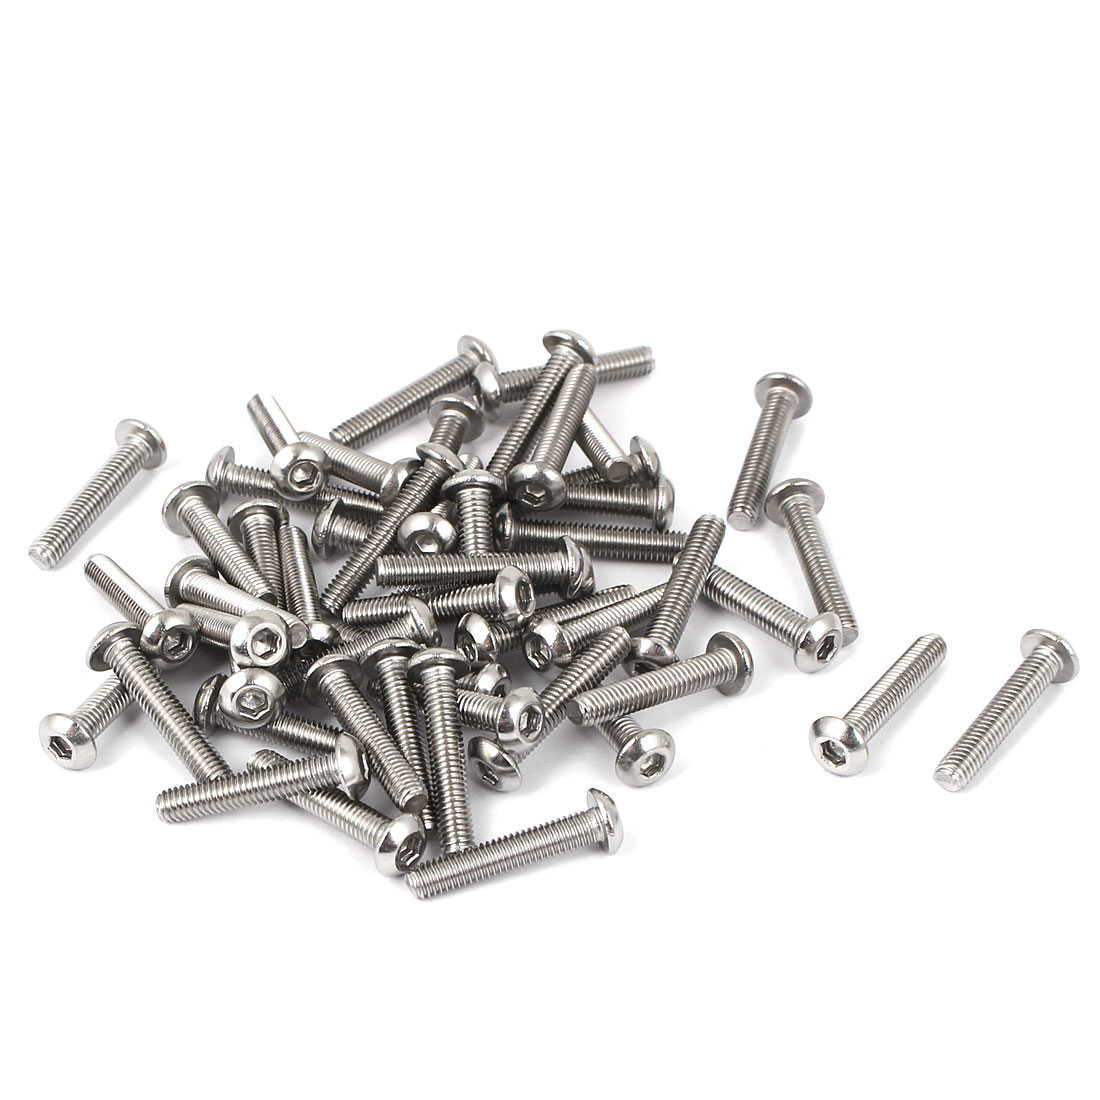 M3 x 16mm Full Thread Button Head Socket Cap Screw Silver Tone 50 Pcs